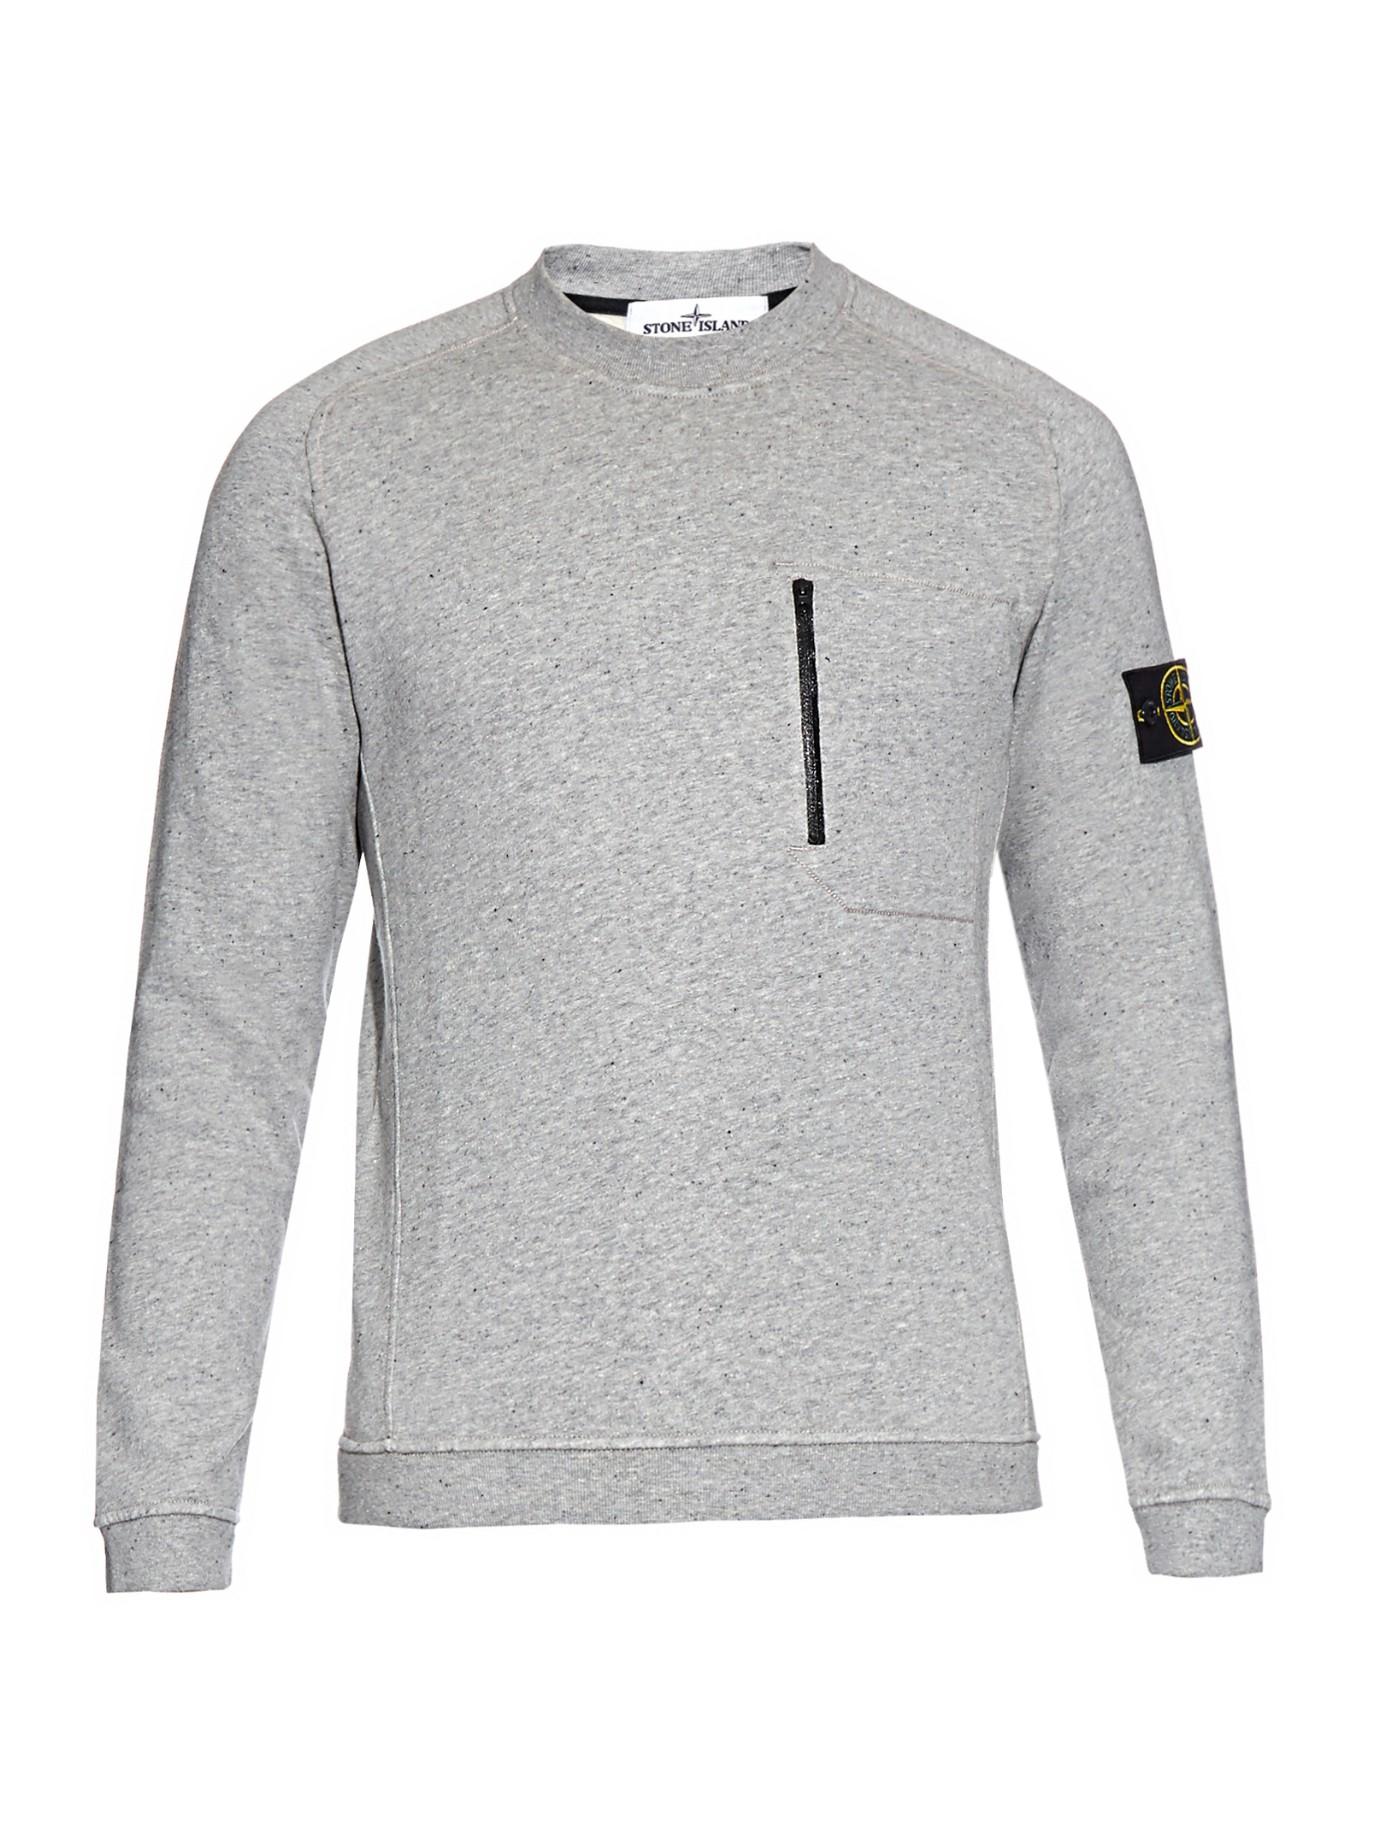 Stone island Zip-pocket Cotton-fleece Sweatshirt in Gray for Men ...